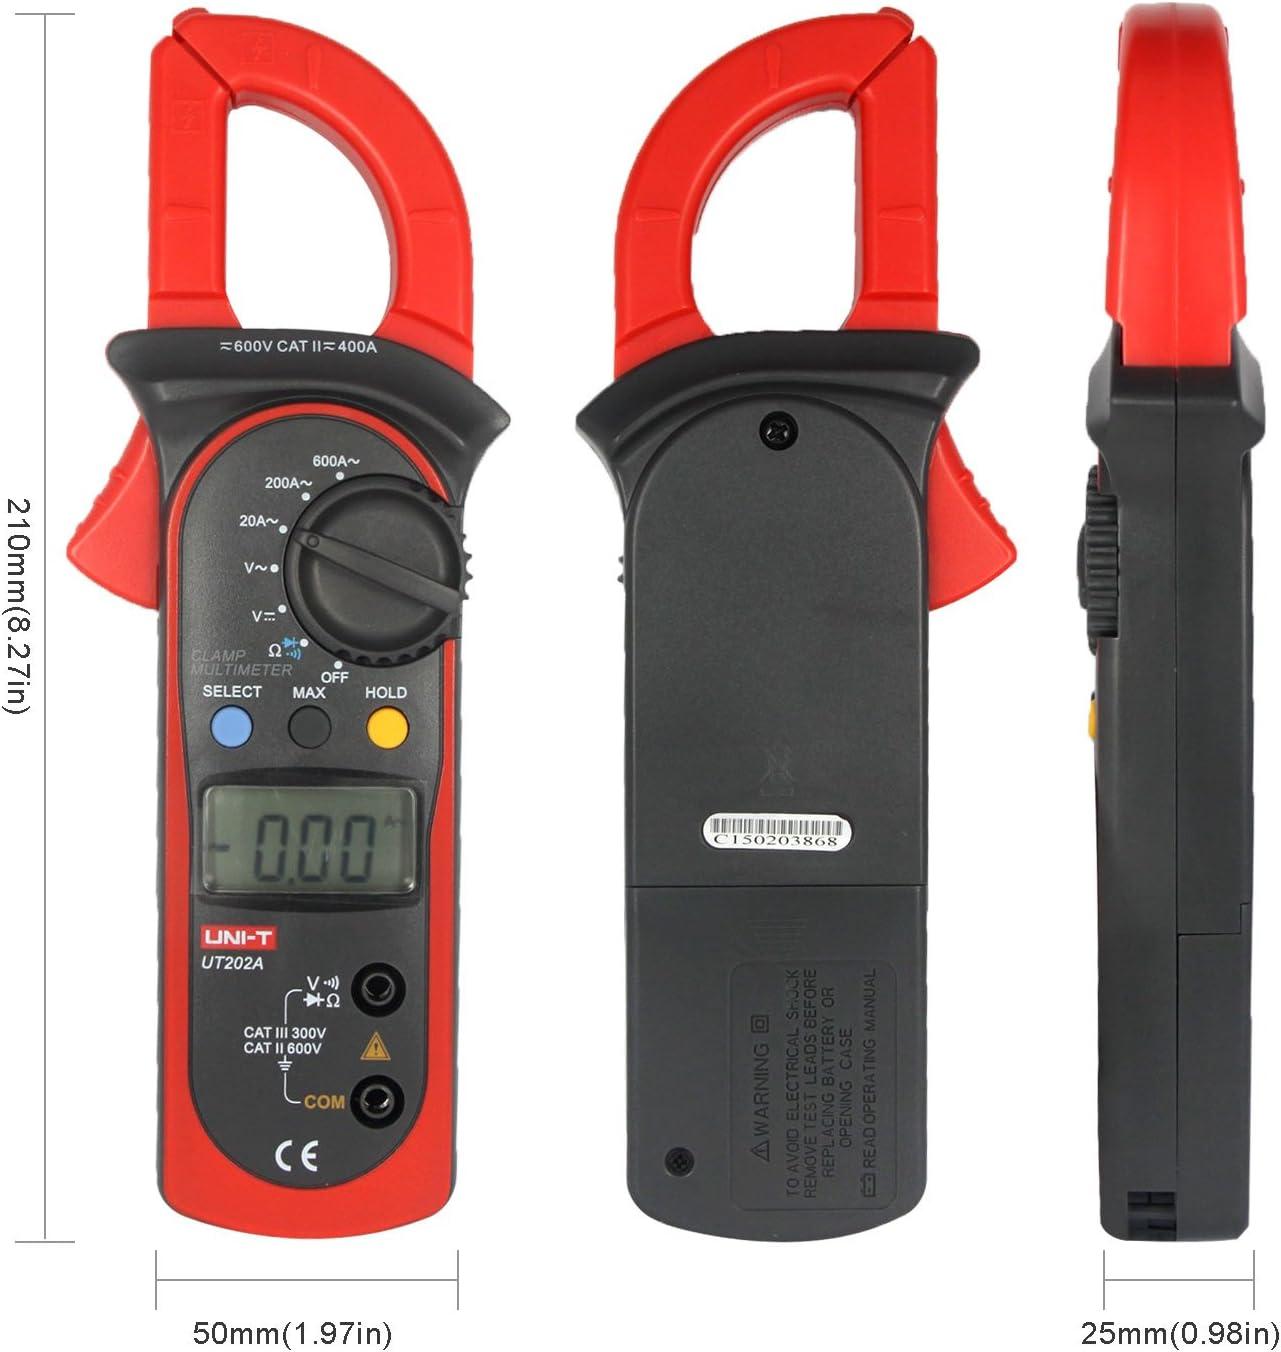 Uni T Ut202a Lcd Digitales Clamp Universalmessgerät Multimeter Handgehaltene Messzange Widerstands Frequenztester Voltmeter Stromkreisprüfer Ac Dc Ohm Baumarkt